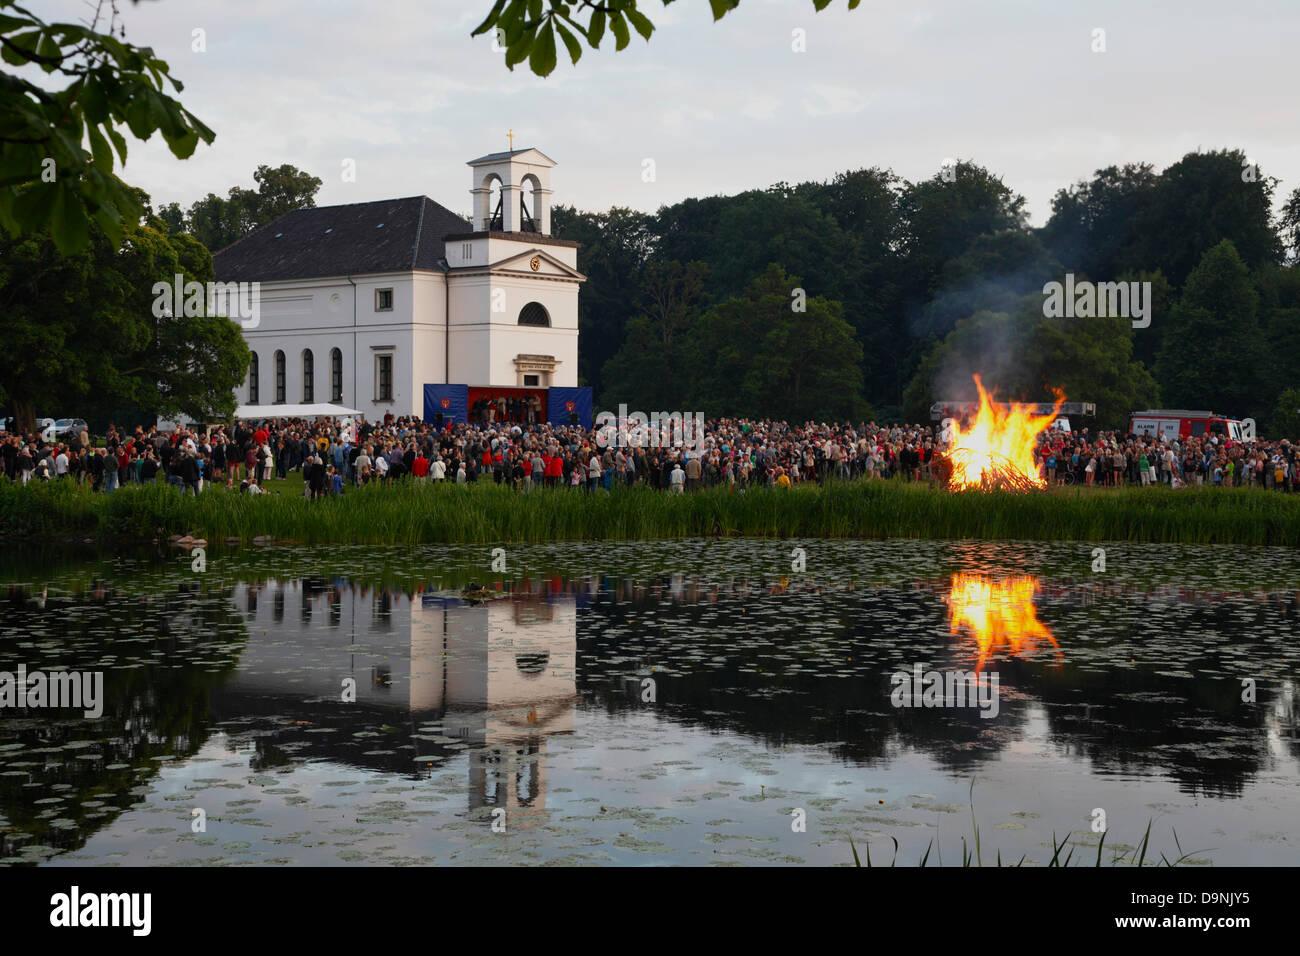 June 23, 2013 - Hørsholm Church, north of Copenhagen, Denmark. St. John's Eve, the Midsummer Eve or Sankthansaften - Stock Image